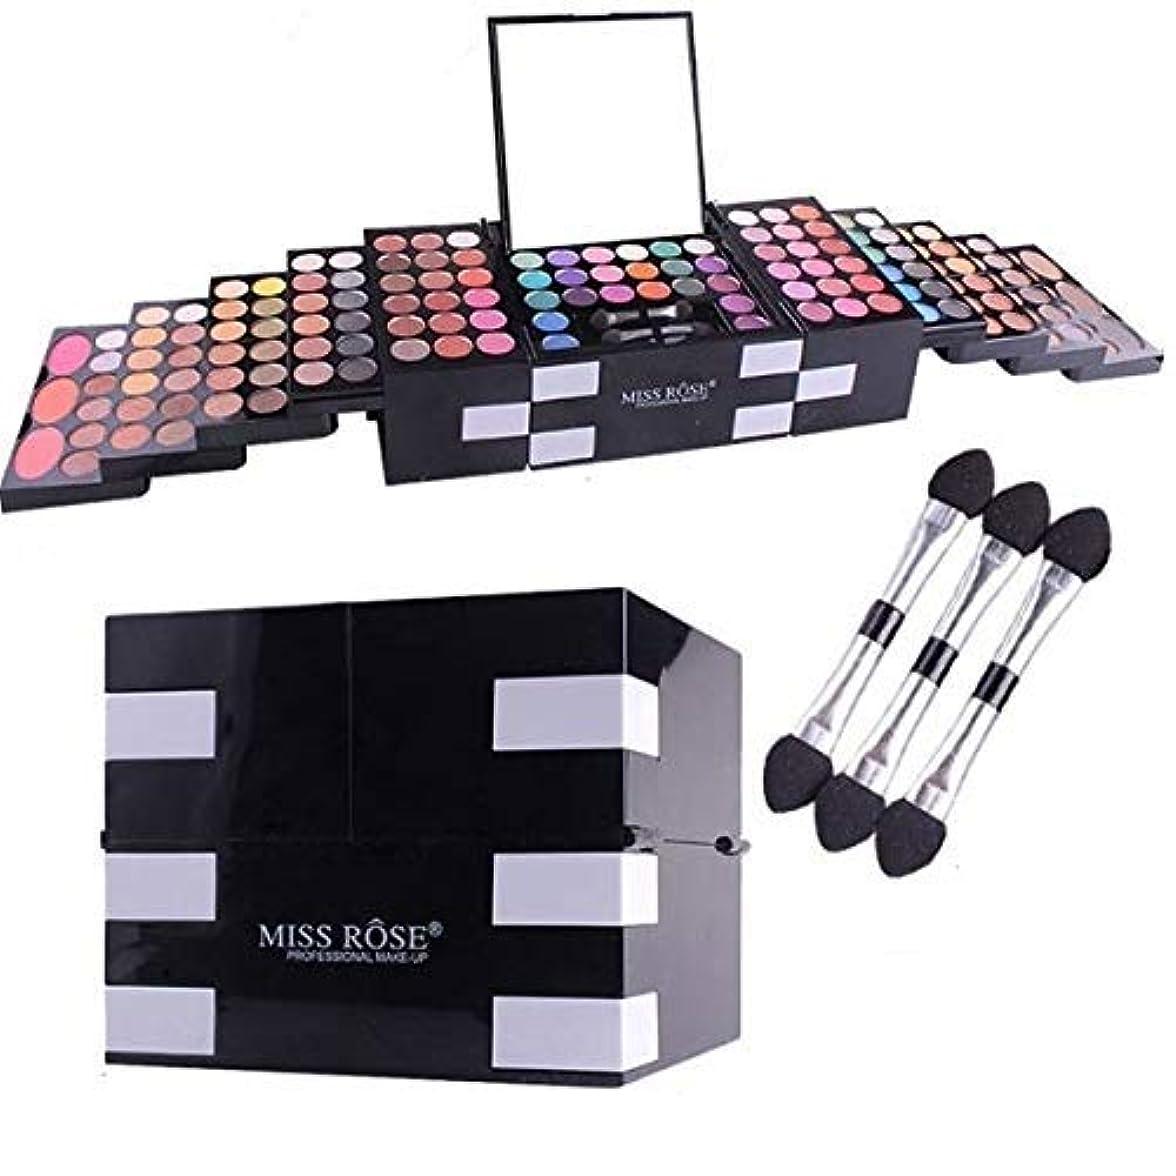 速度同化道を作るMISS ROSE 初心者の女の子 美容マットグリッター144色キラキラアイシャドウパレット化粧品アイシャドウ赤面眉パウダー化粧箱付きミラーブラシセット